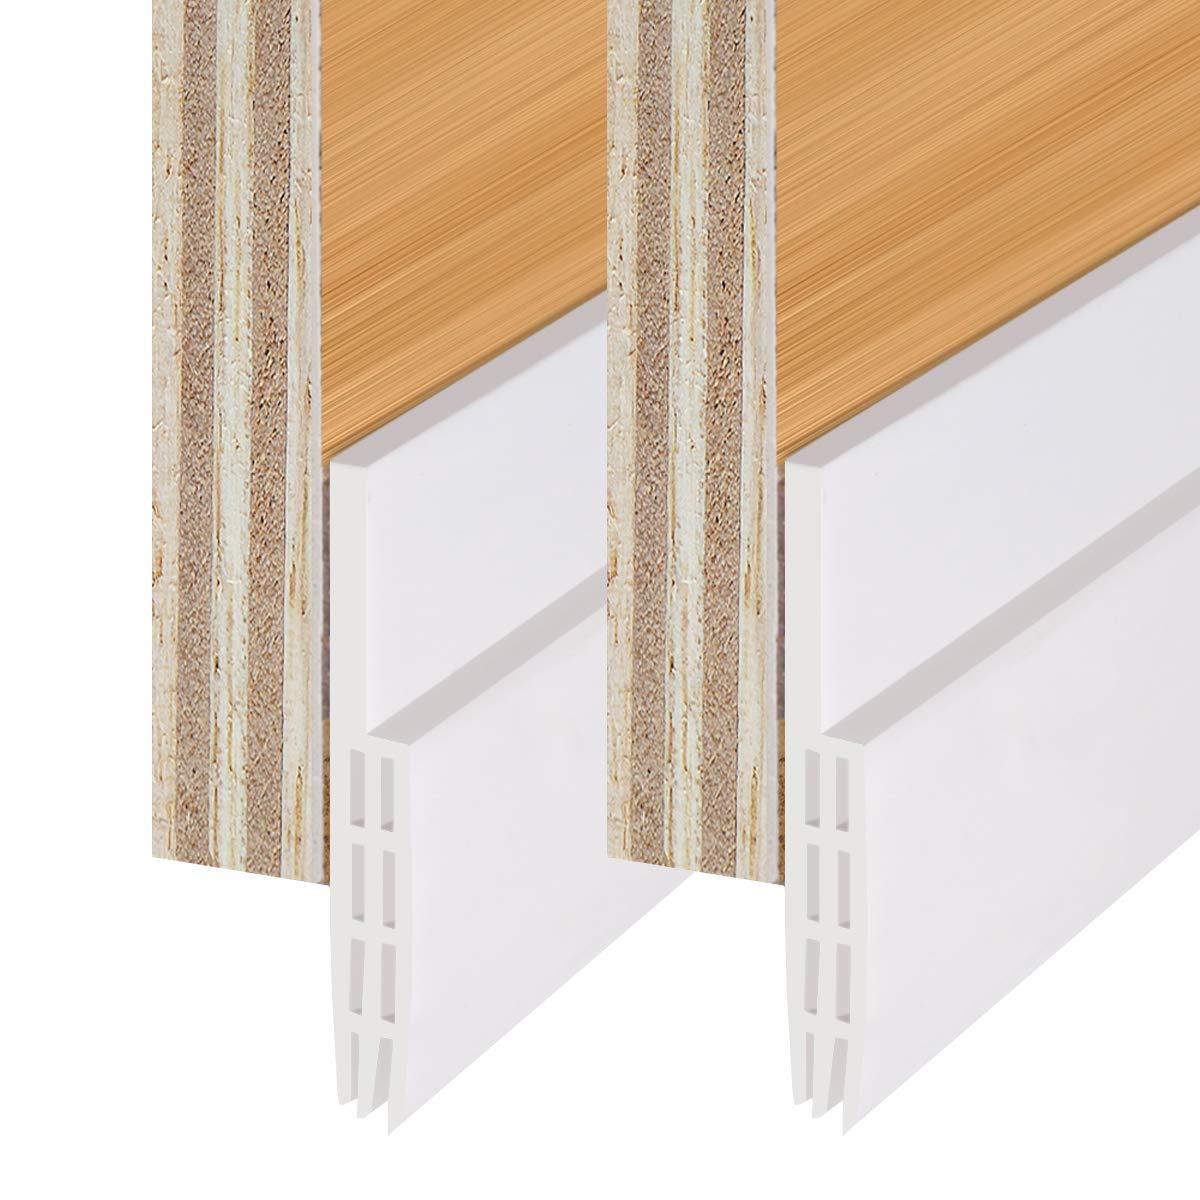 Under Door Sweep Door Draft Stopper Self-adhesive Weather Stripping Door Bottom Seal Strip door draft stopper door weather seal,2'' Width x 39.7'' Length, 2 Pack